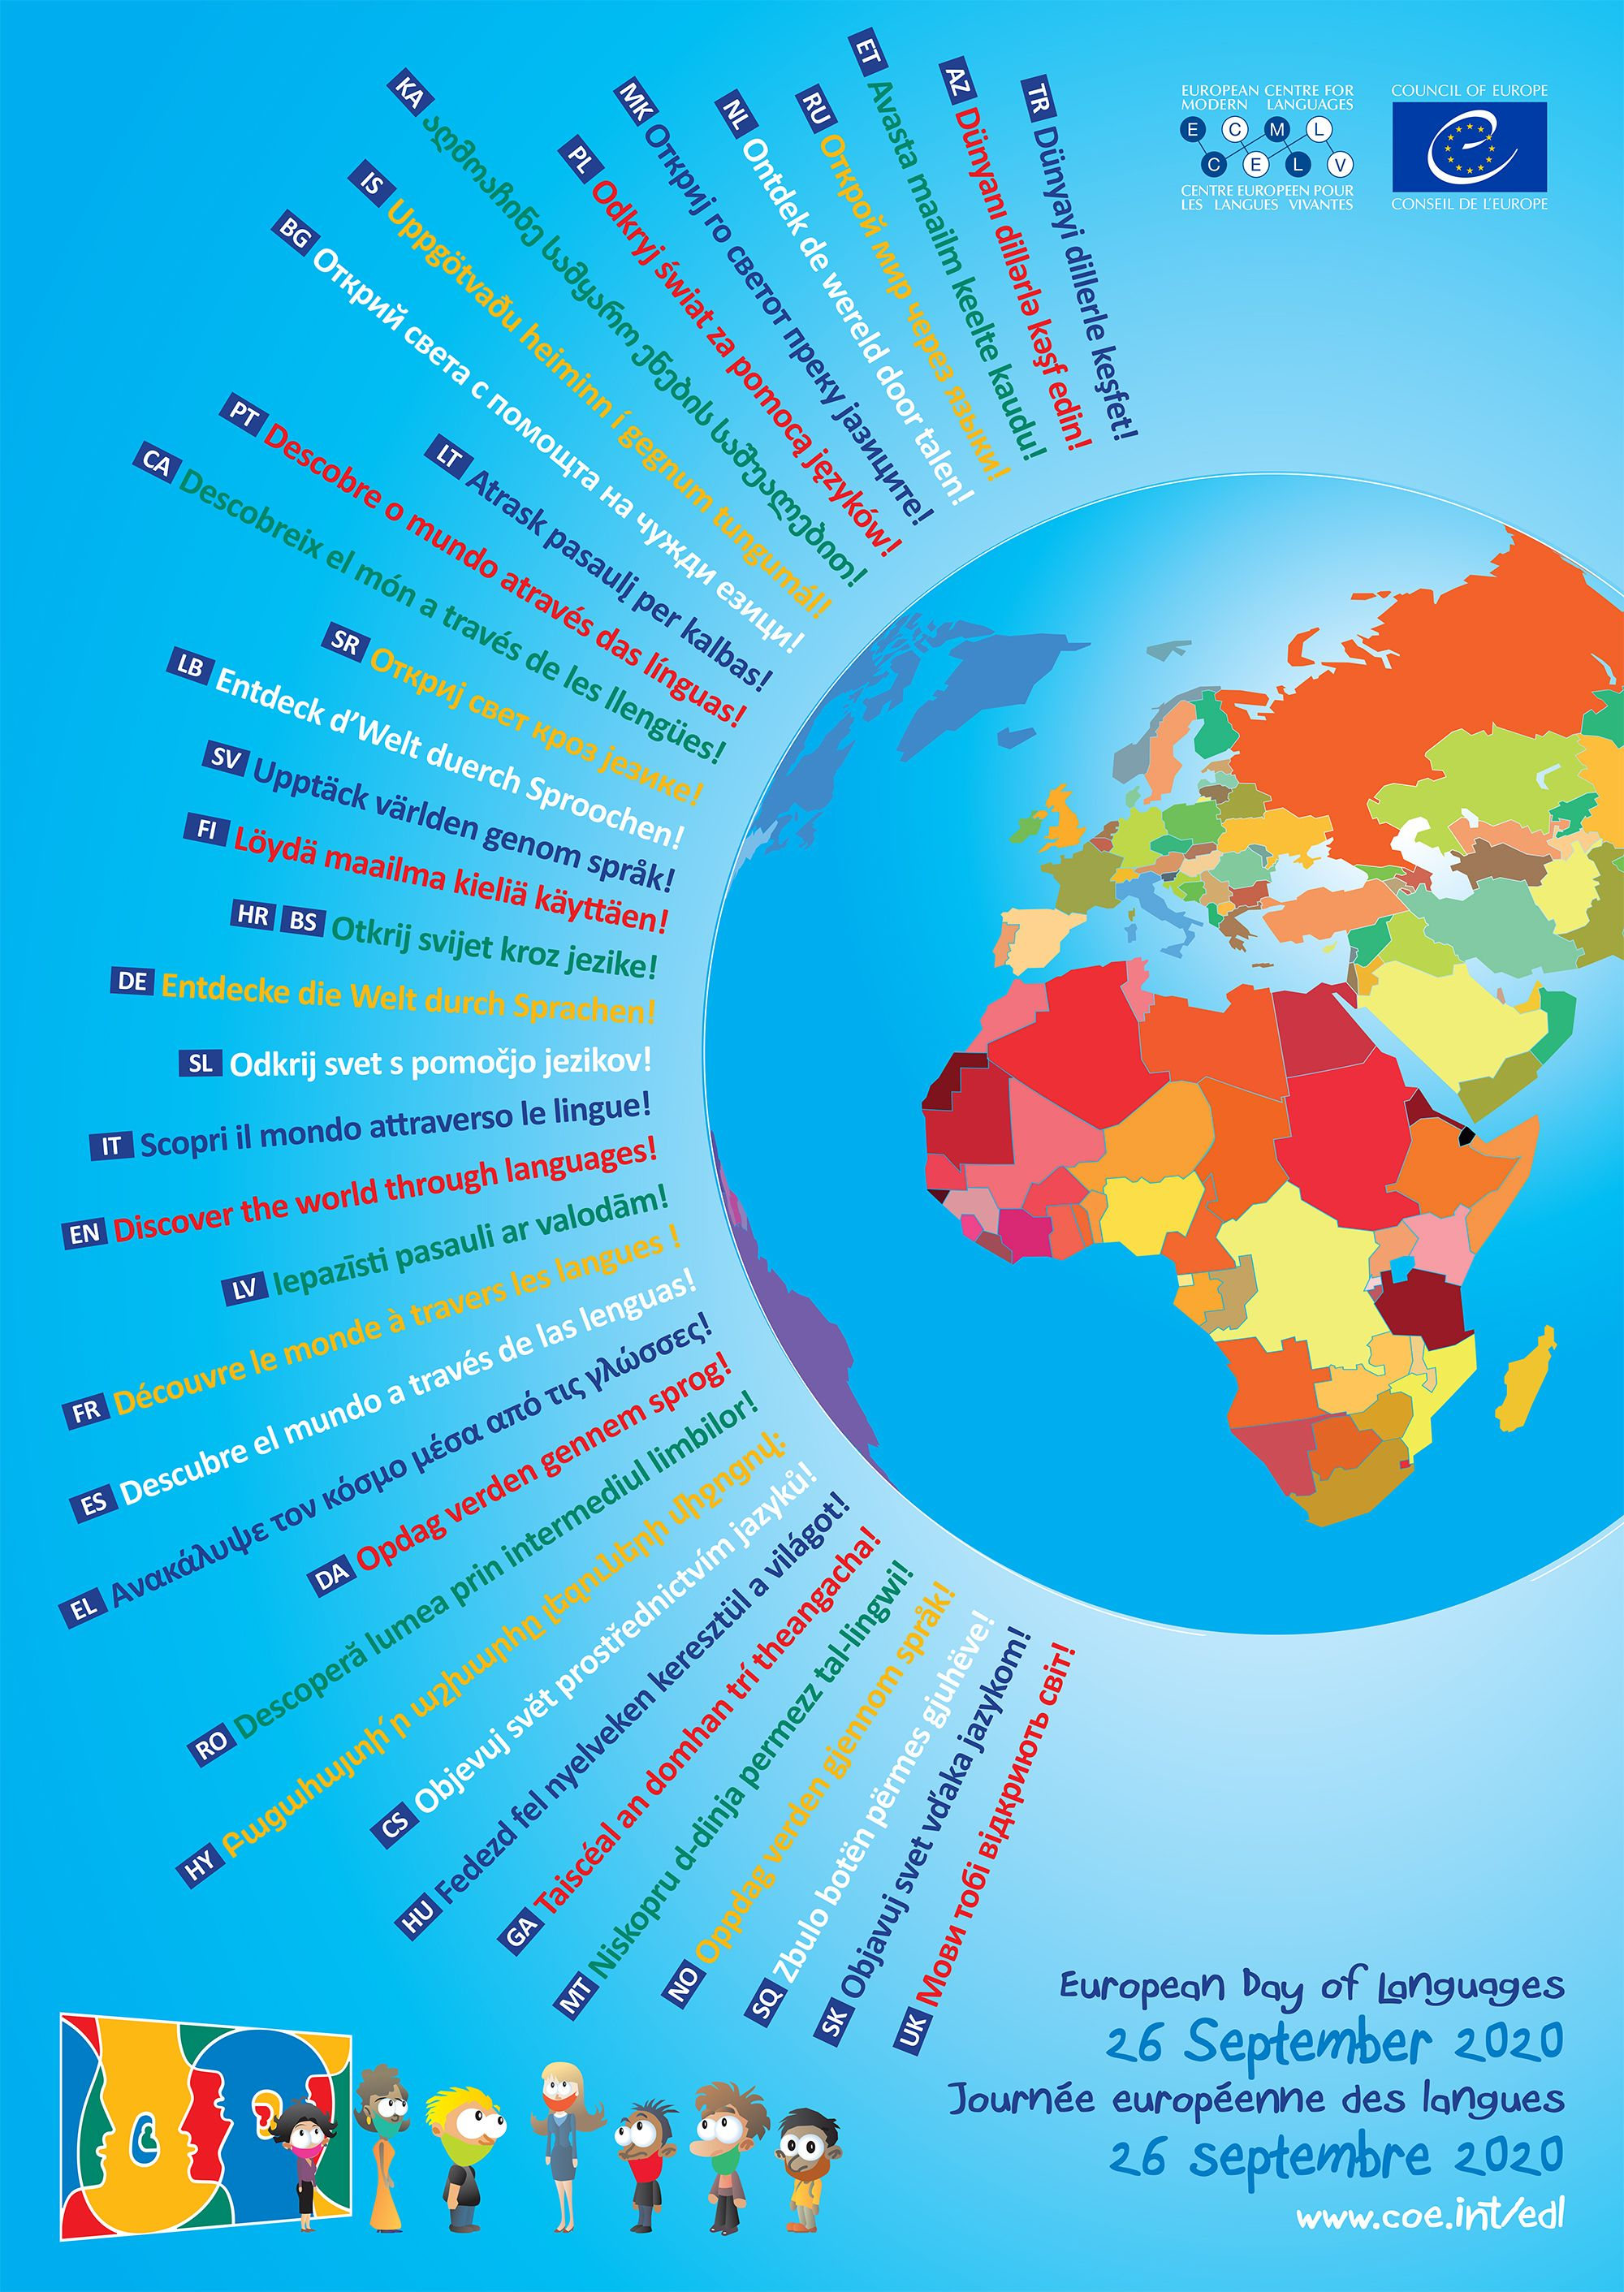 26 Septembre 2020 Journee Europeenne Des Langues Journee Europeenne Des Langues Jeu Linguistique Etablissement Scolaire